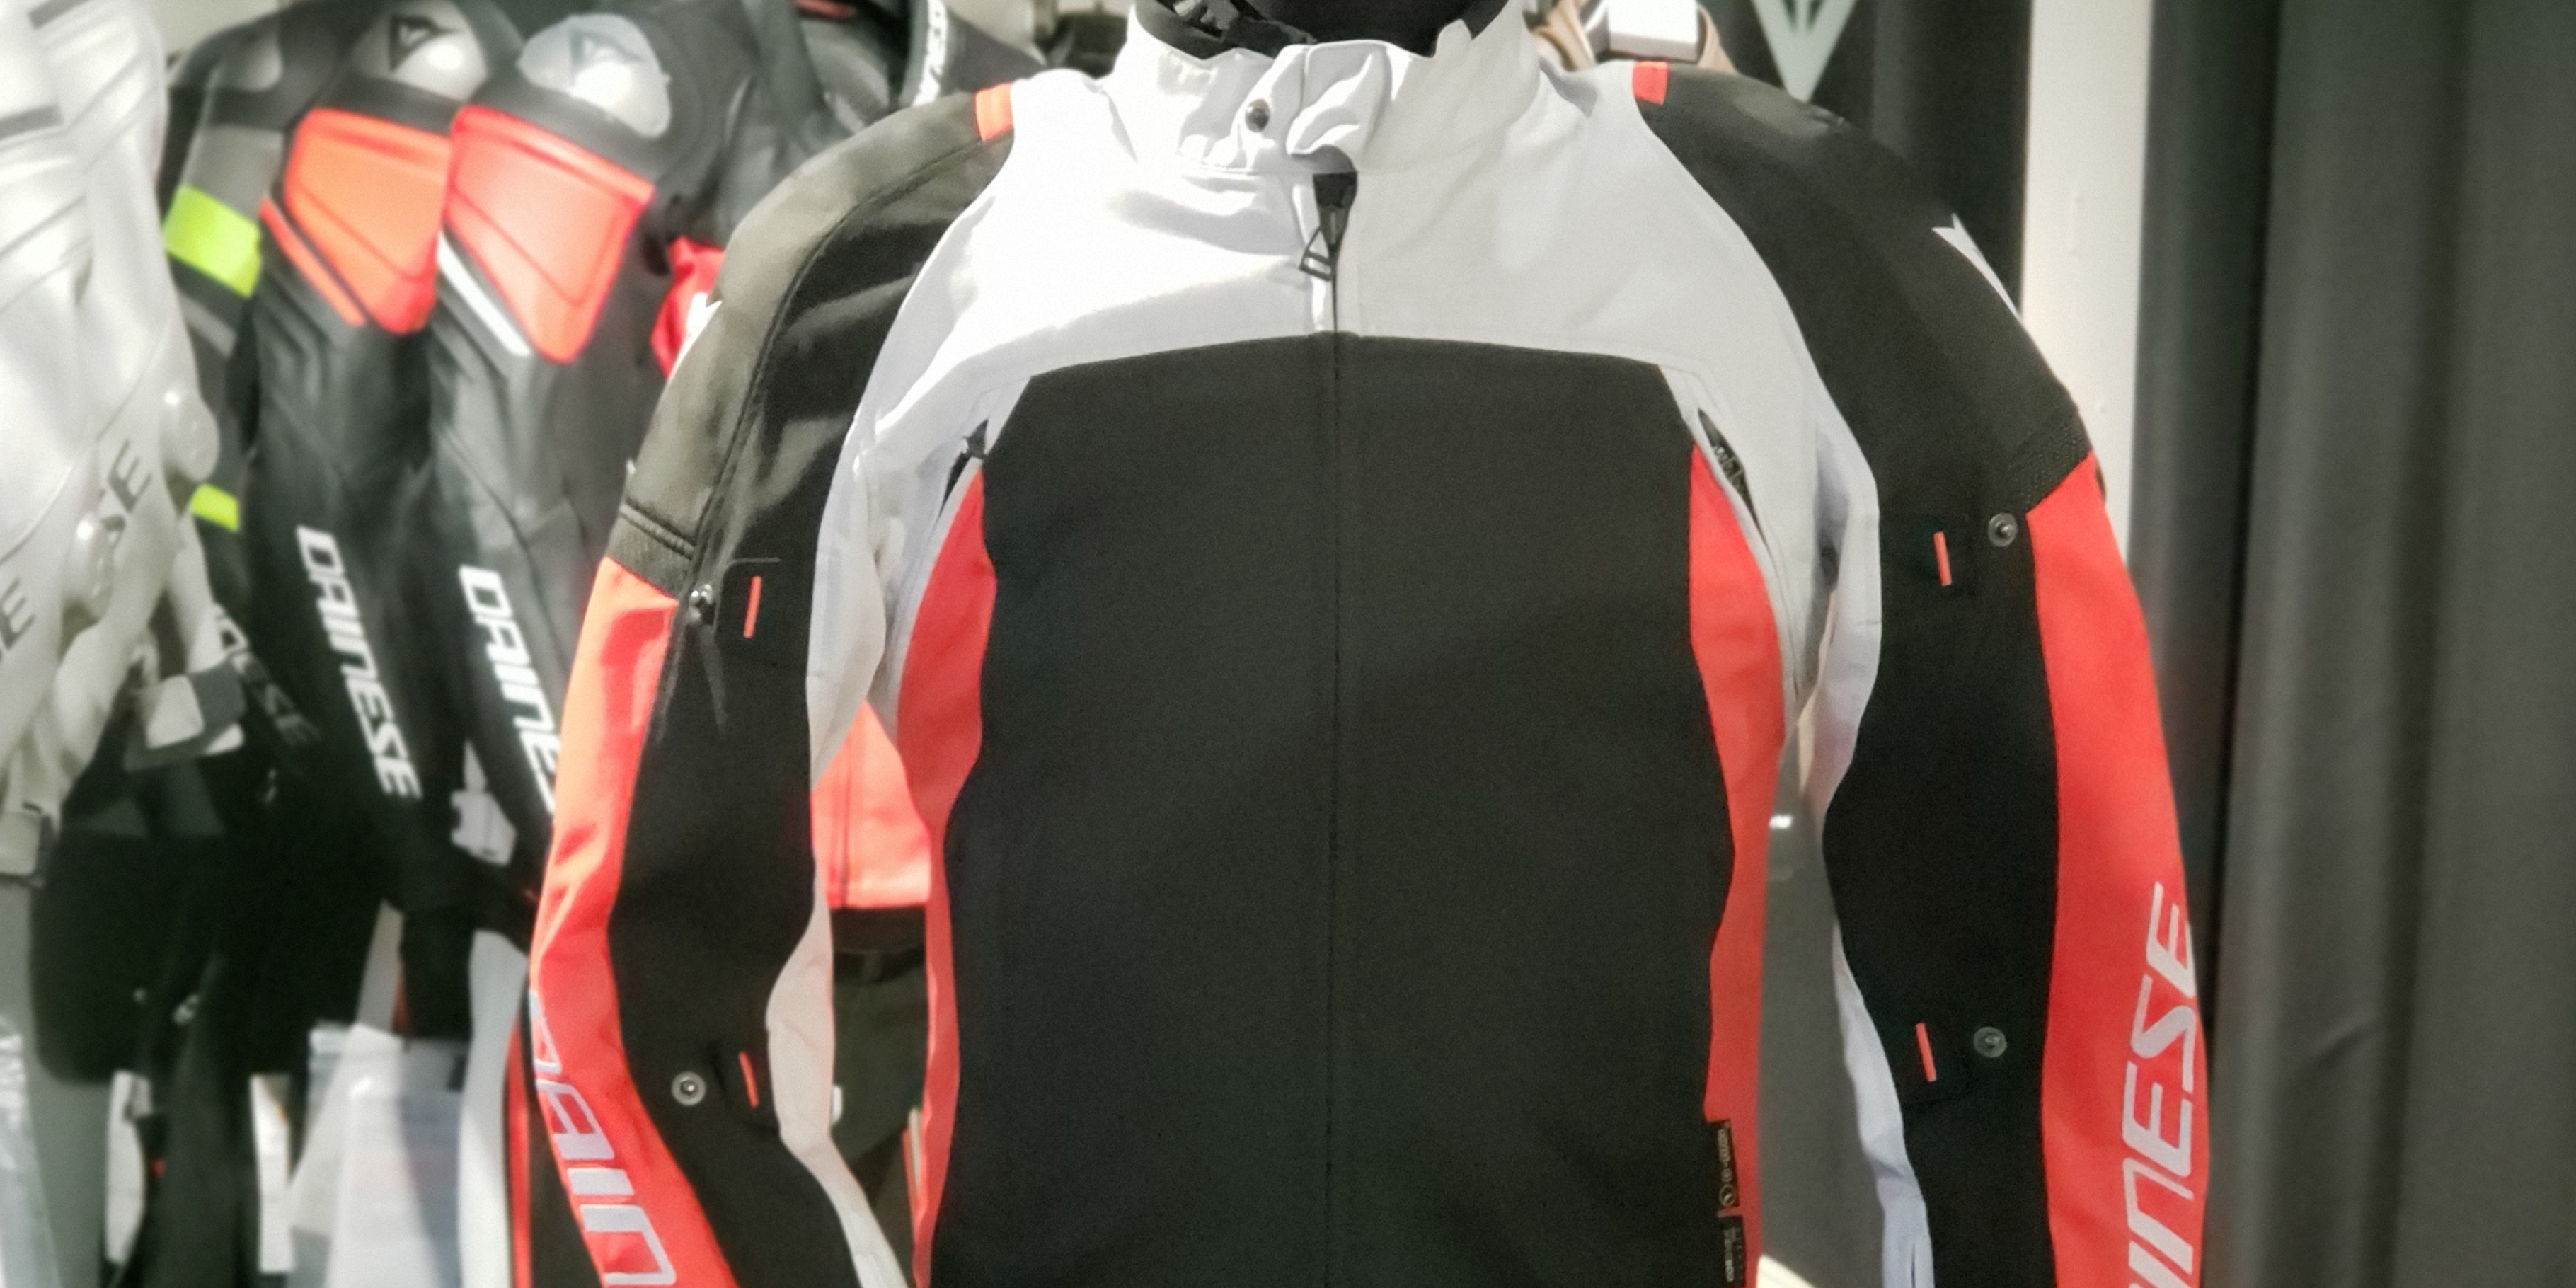 快適性、安全性を兼ね備えたジャケット[SPEED MASTER D-DRY® JACKET]